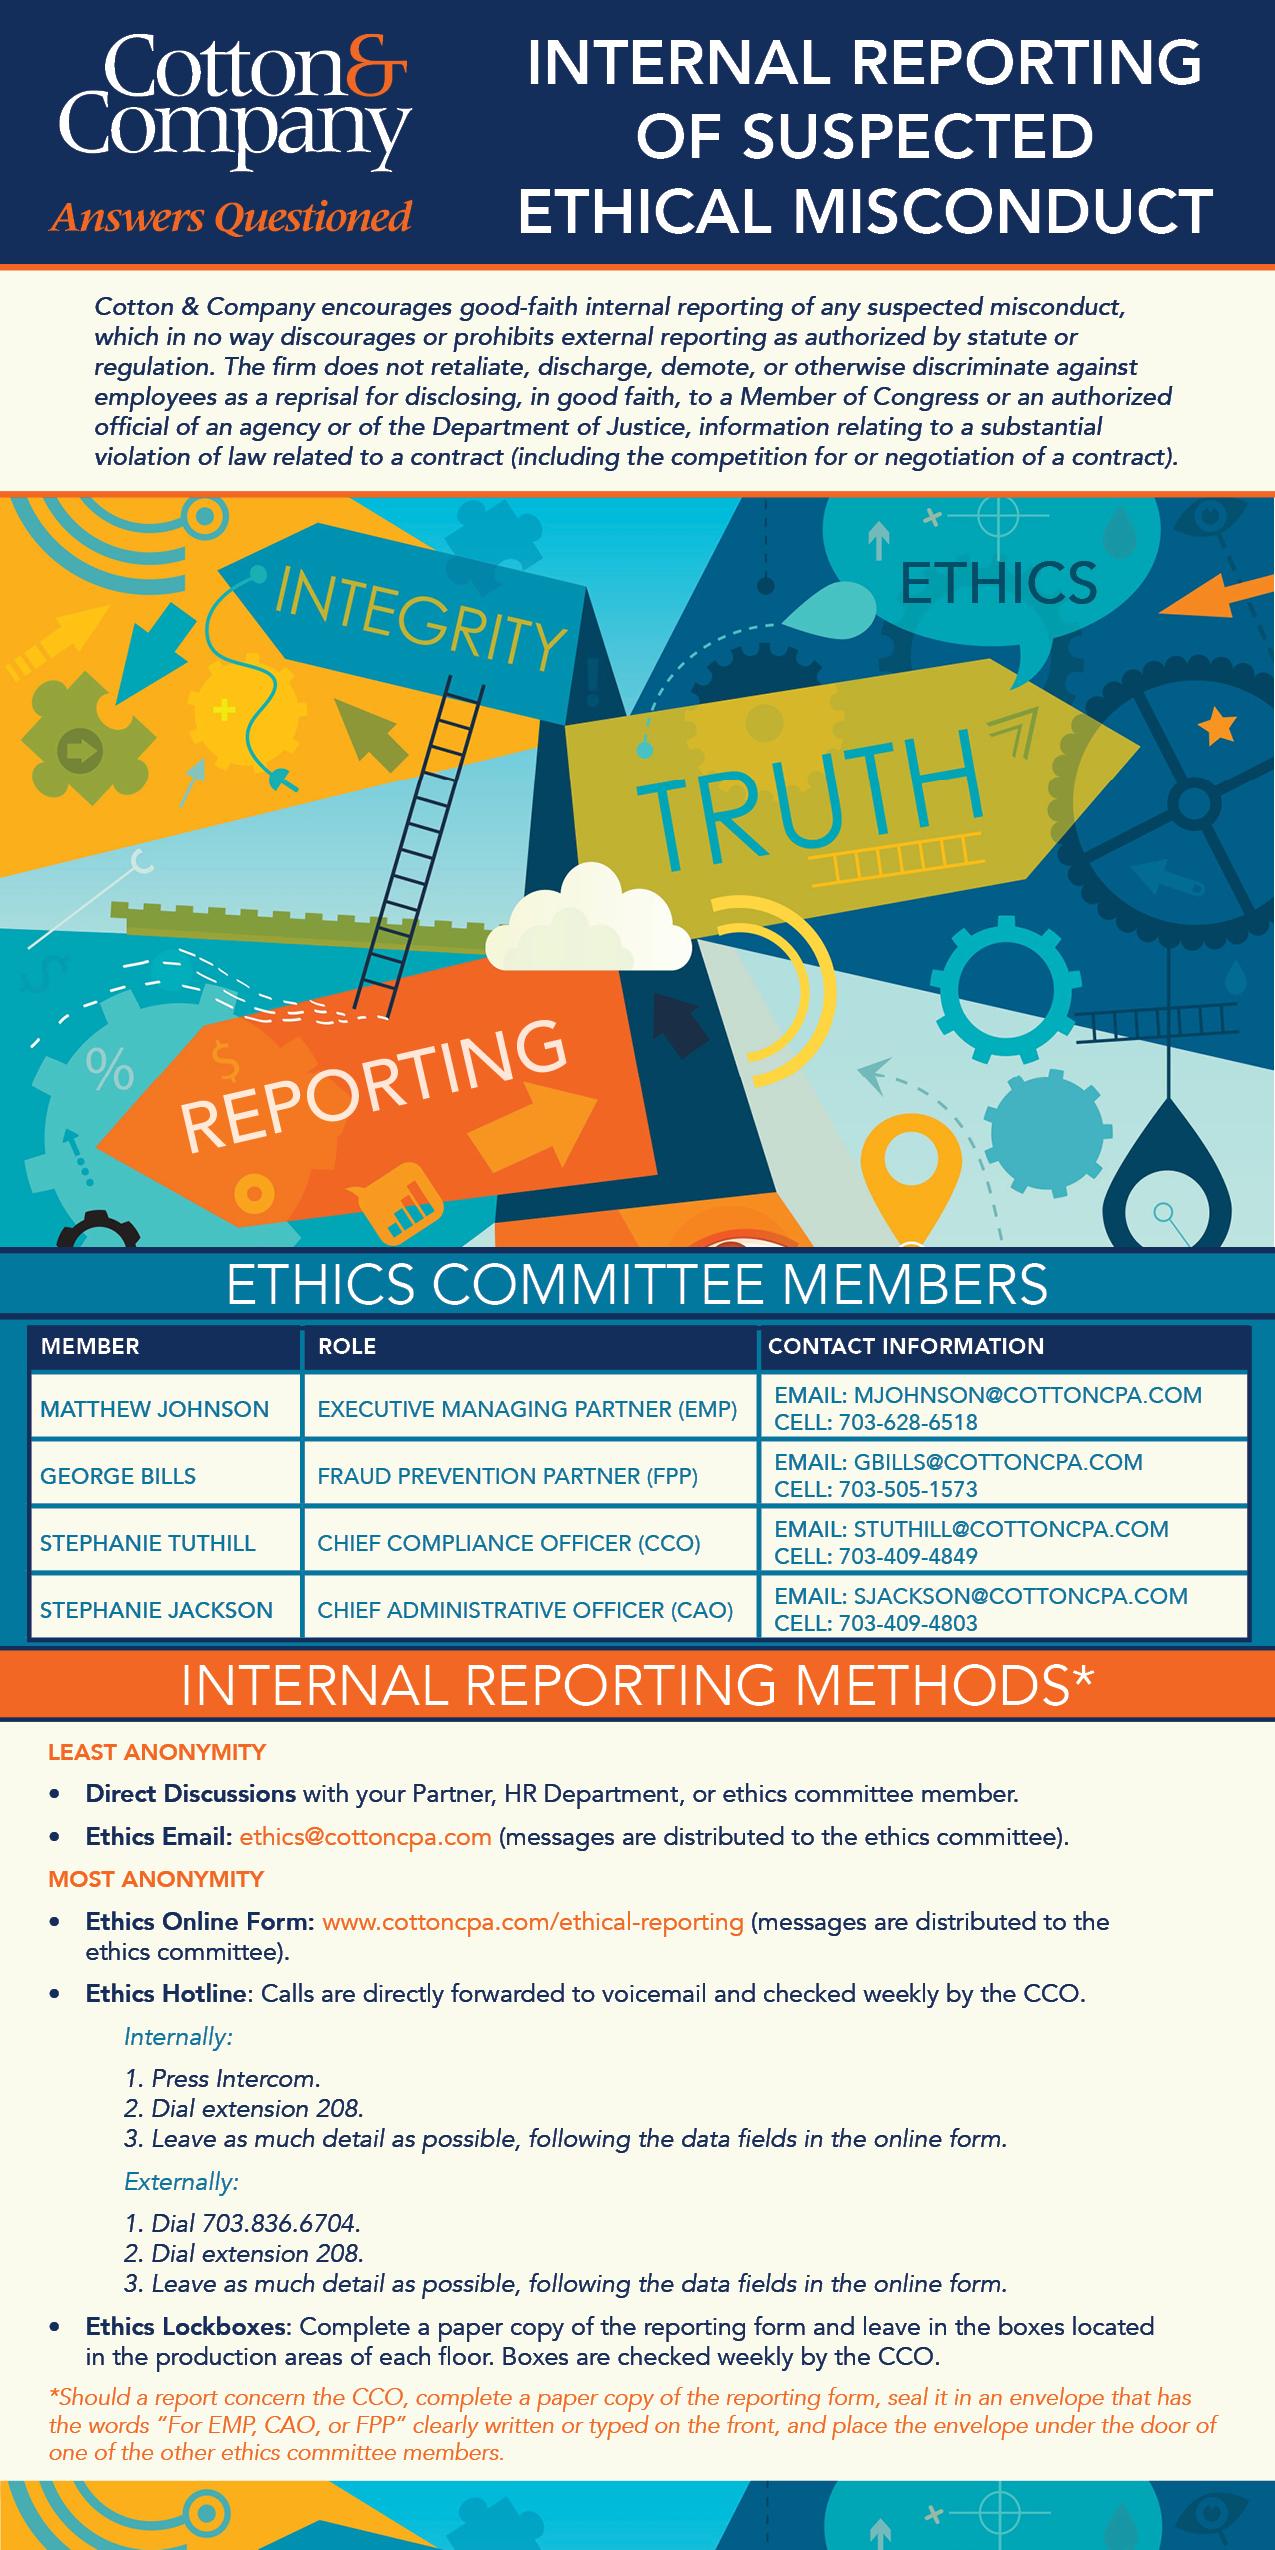 Internal Reporting